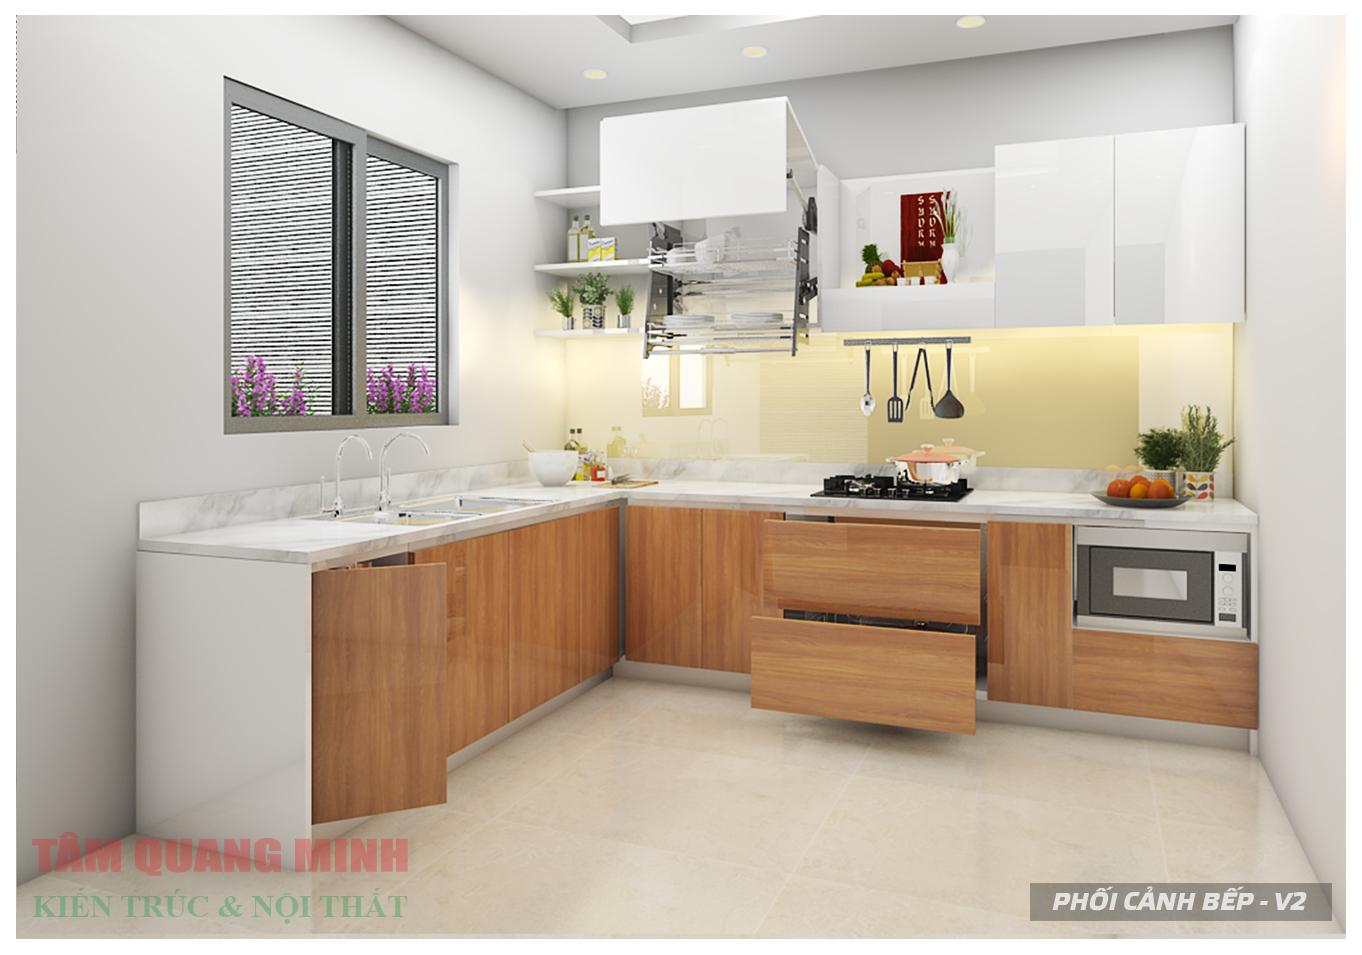 Cách chọn tủ bếp phù hợp với căn nhà của bạn